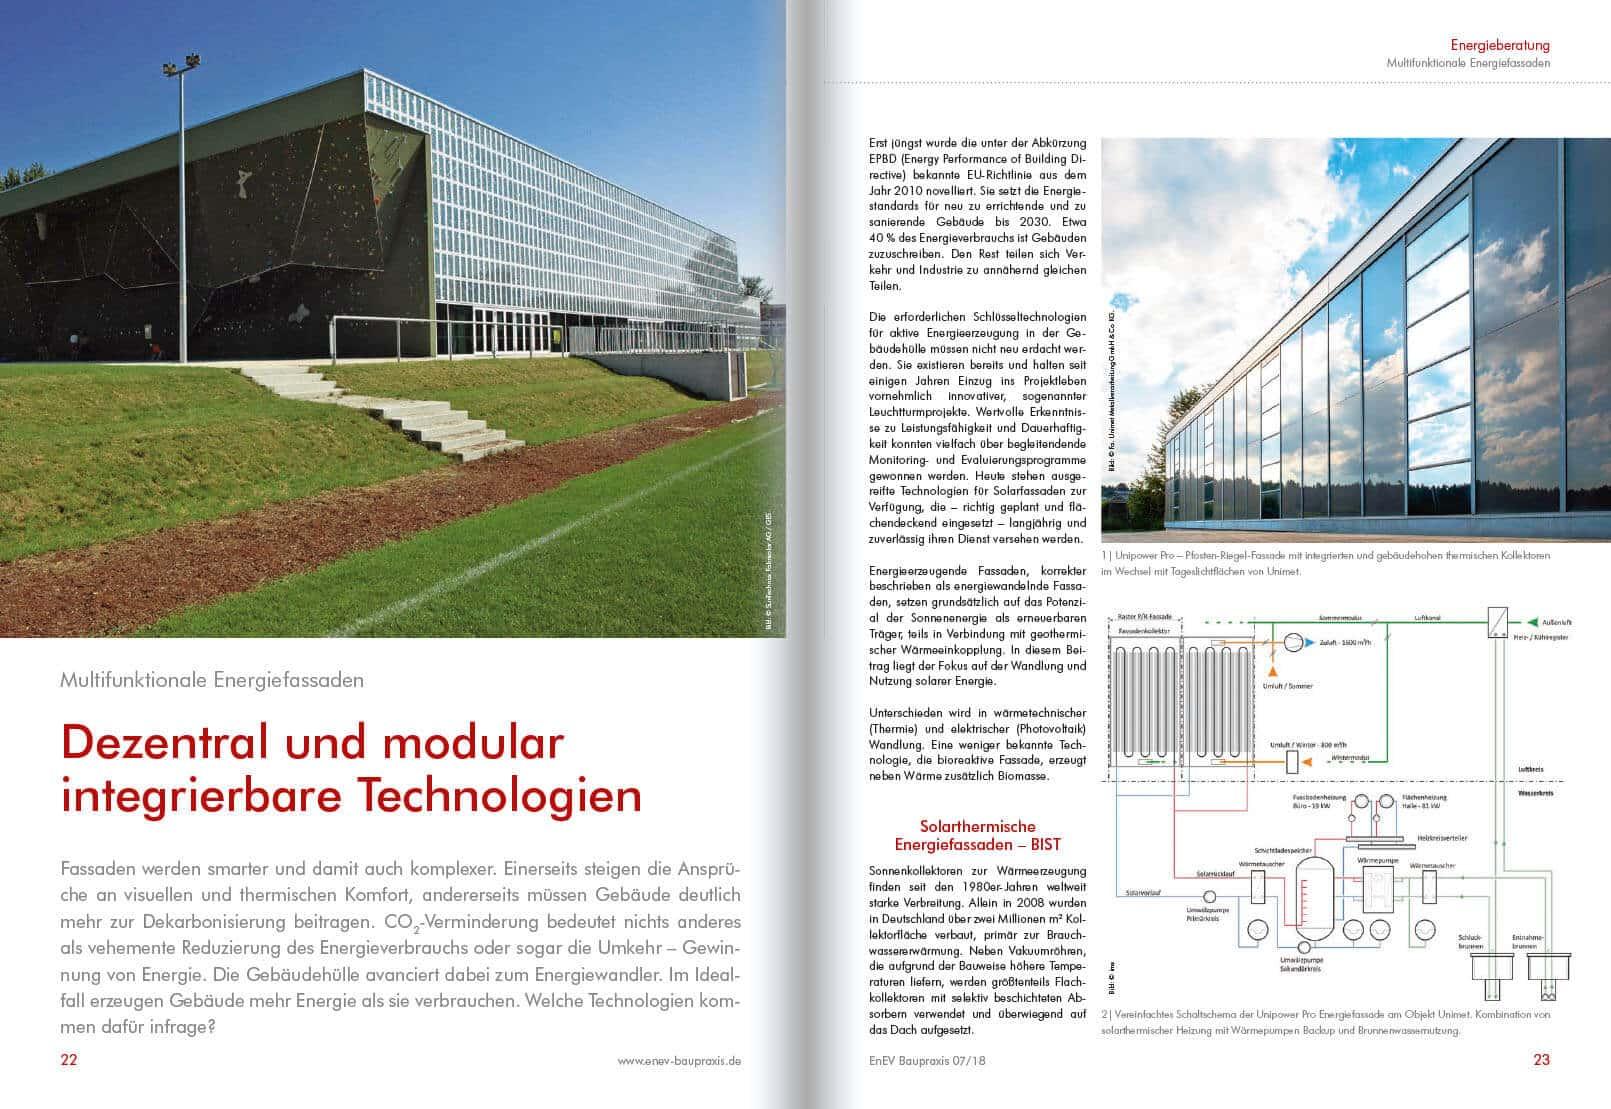 Dezentral und modular integrierbare Technologien